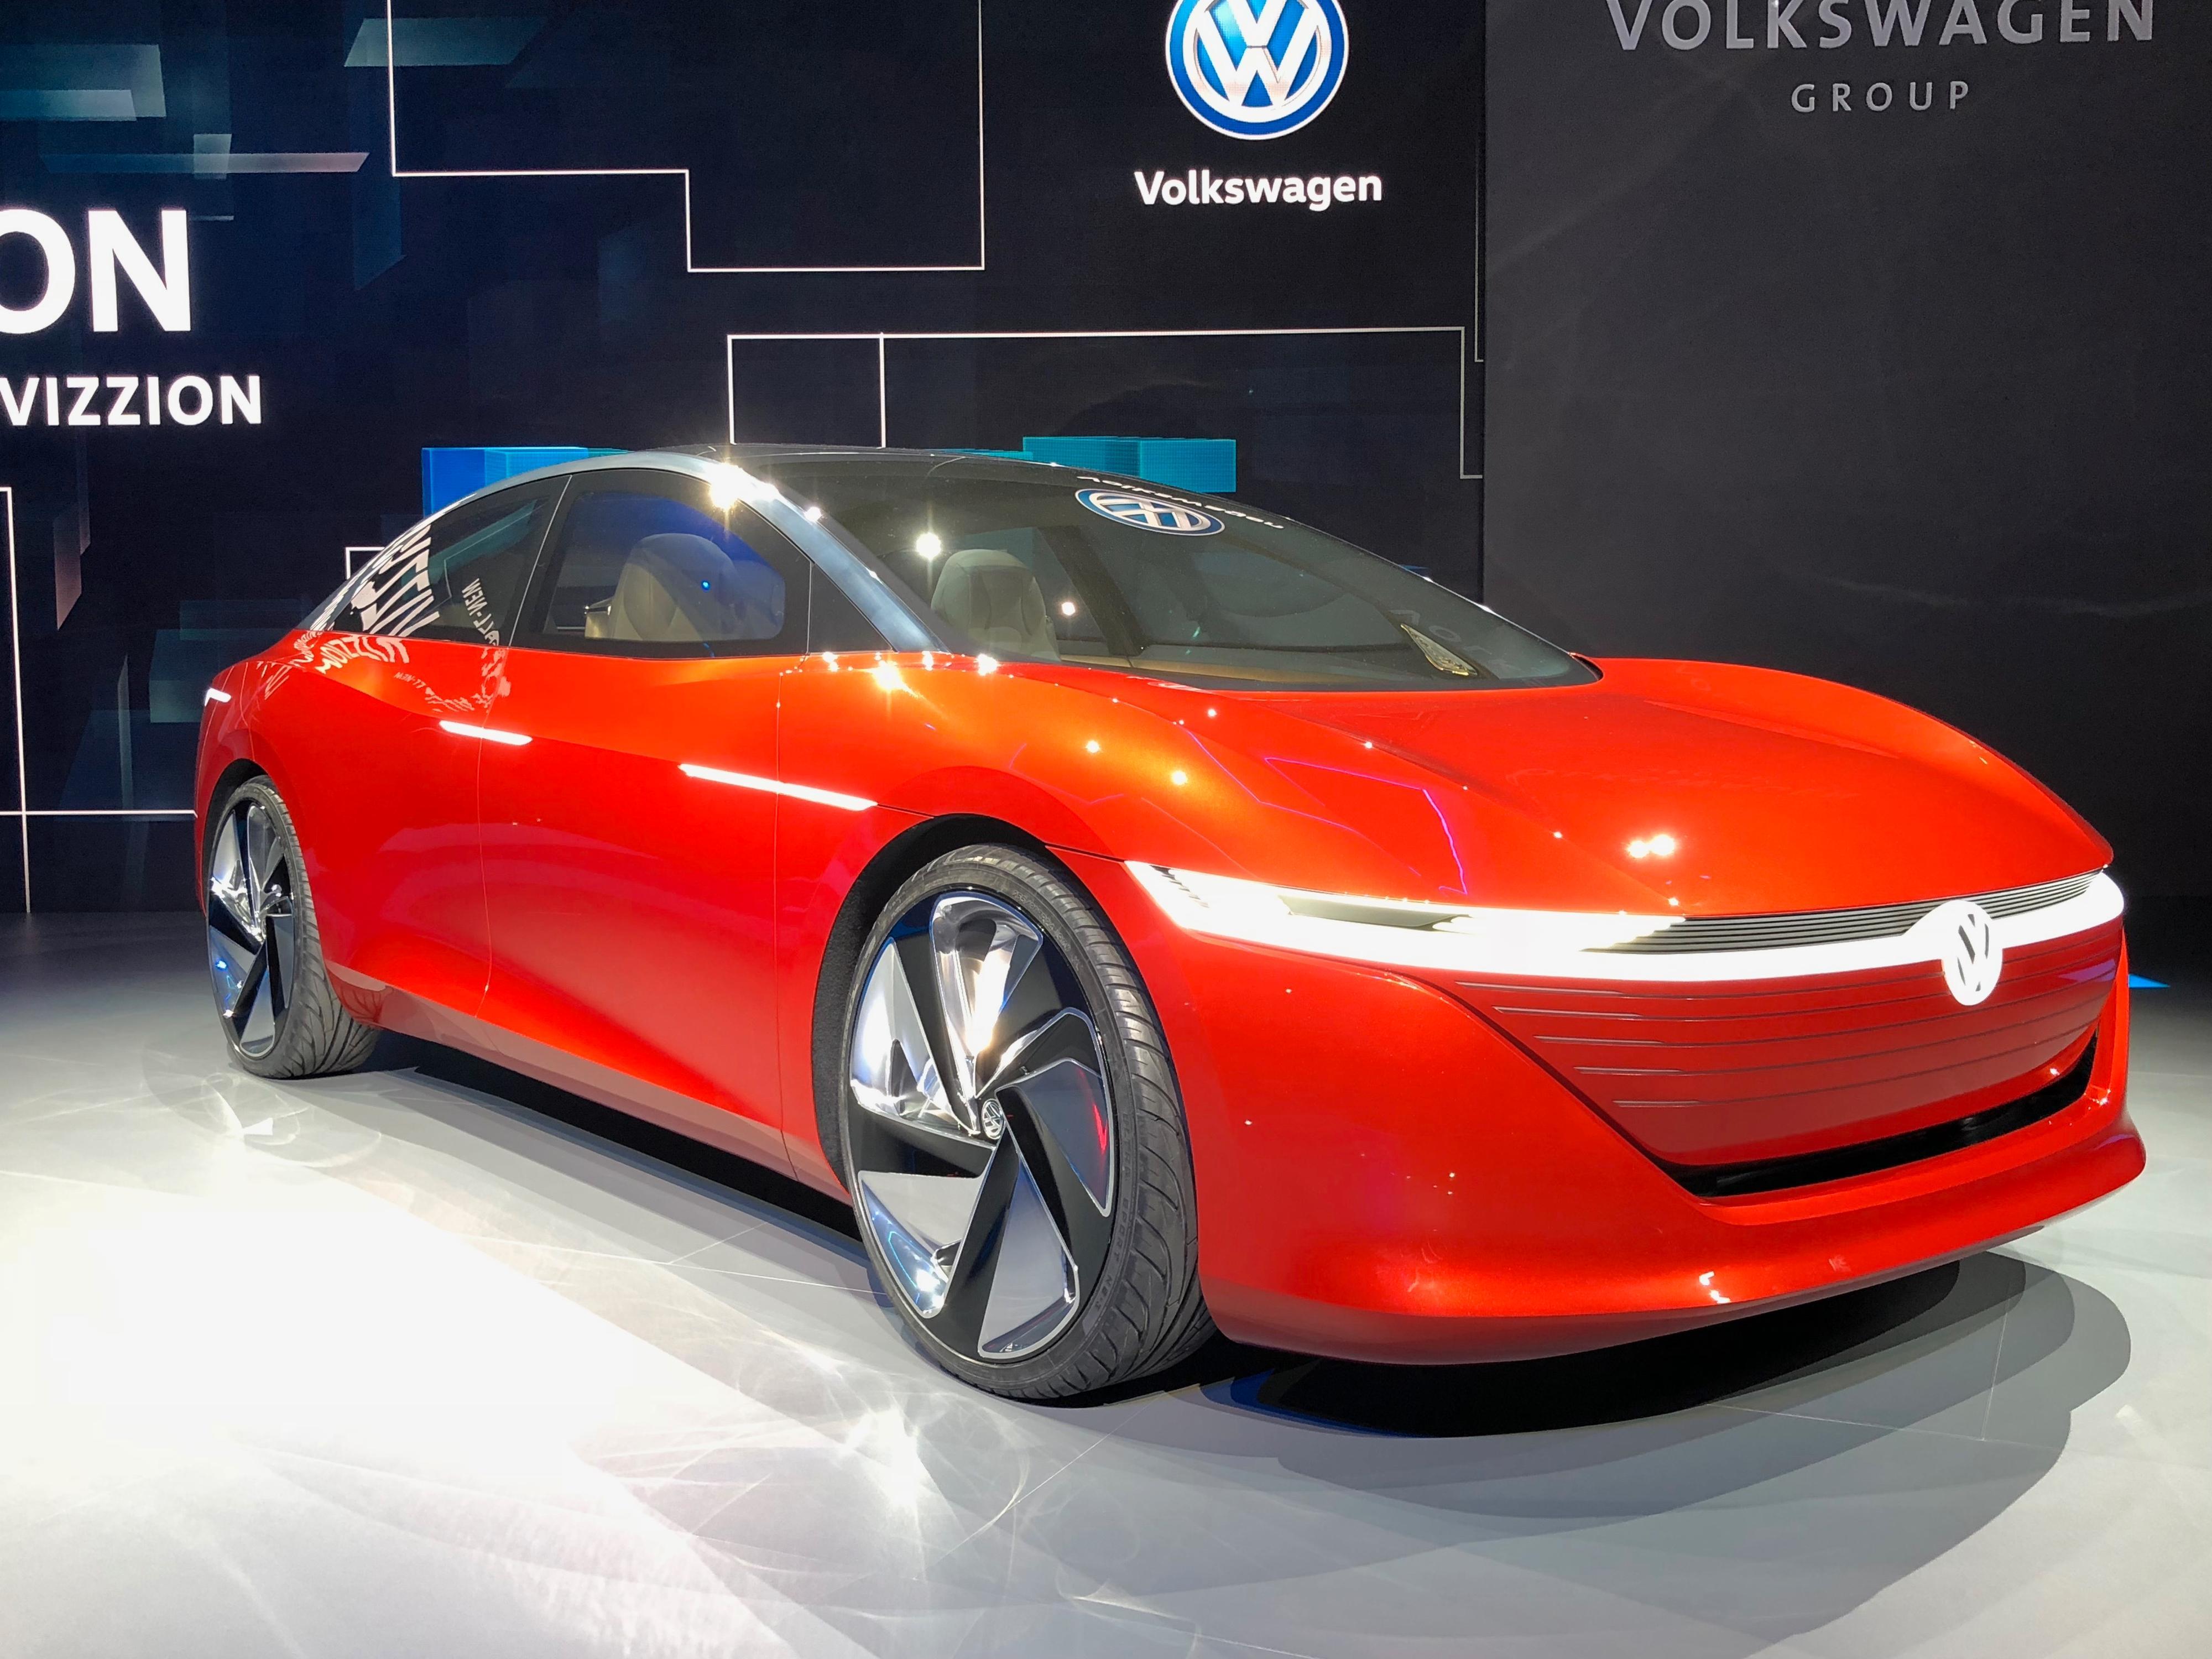 VW I.D. Vizzion-konseptet utstilt på bilmessen i Geneve nylig.